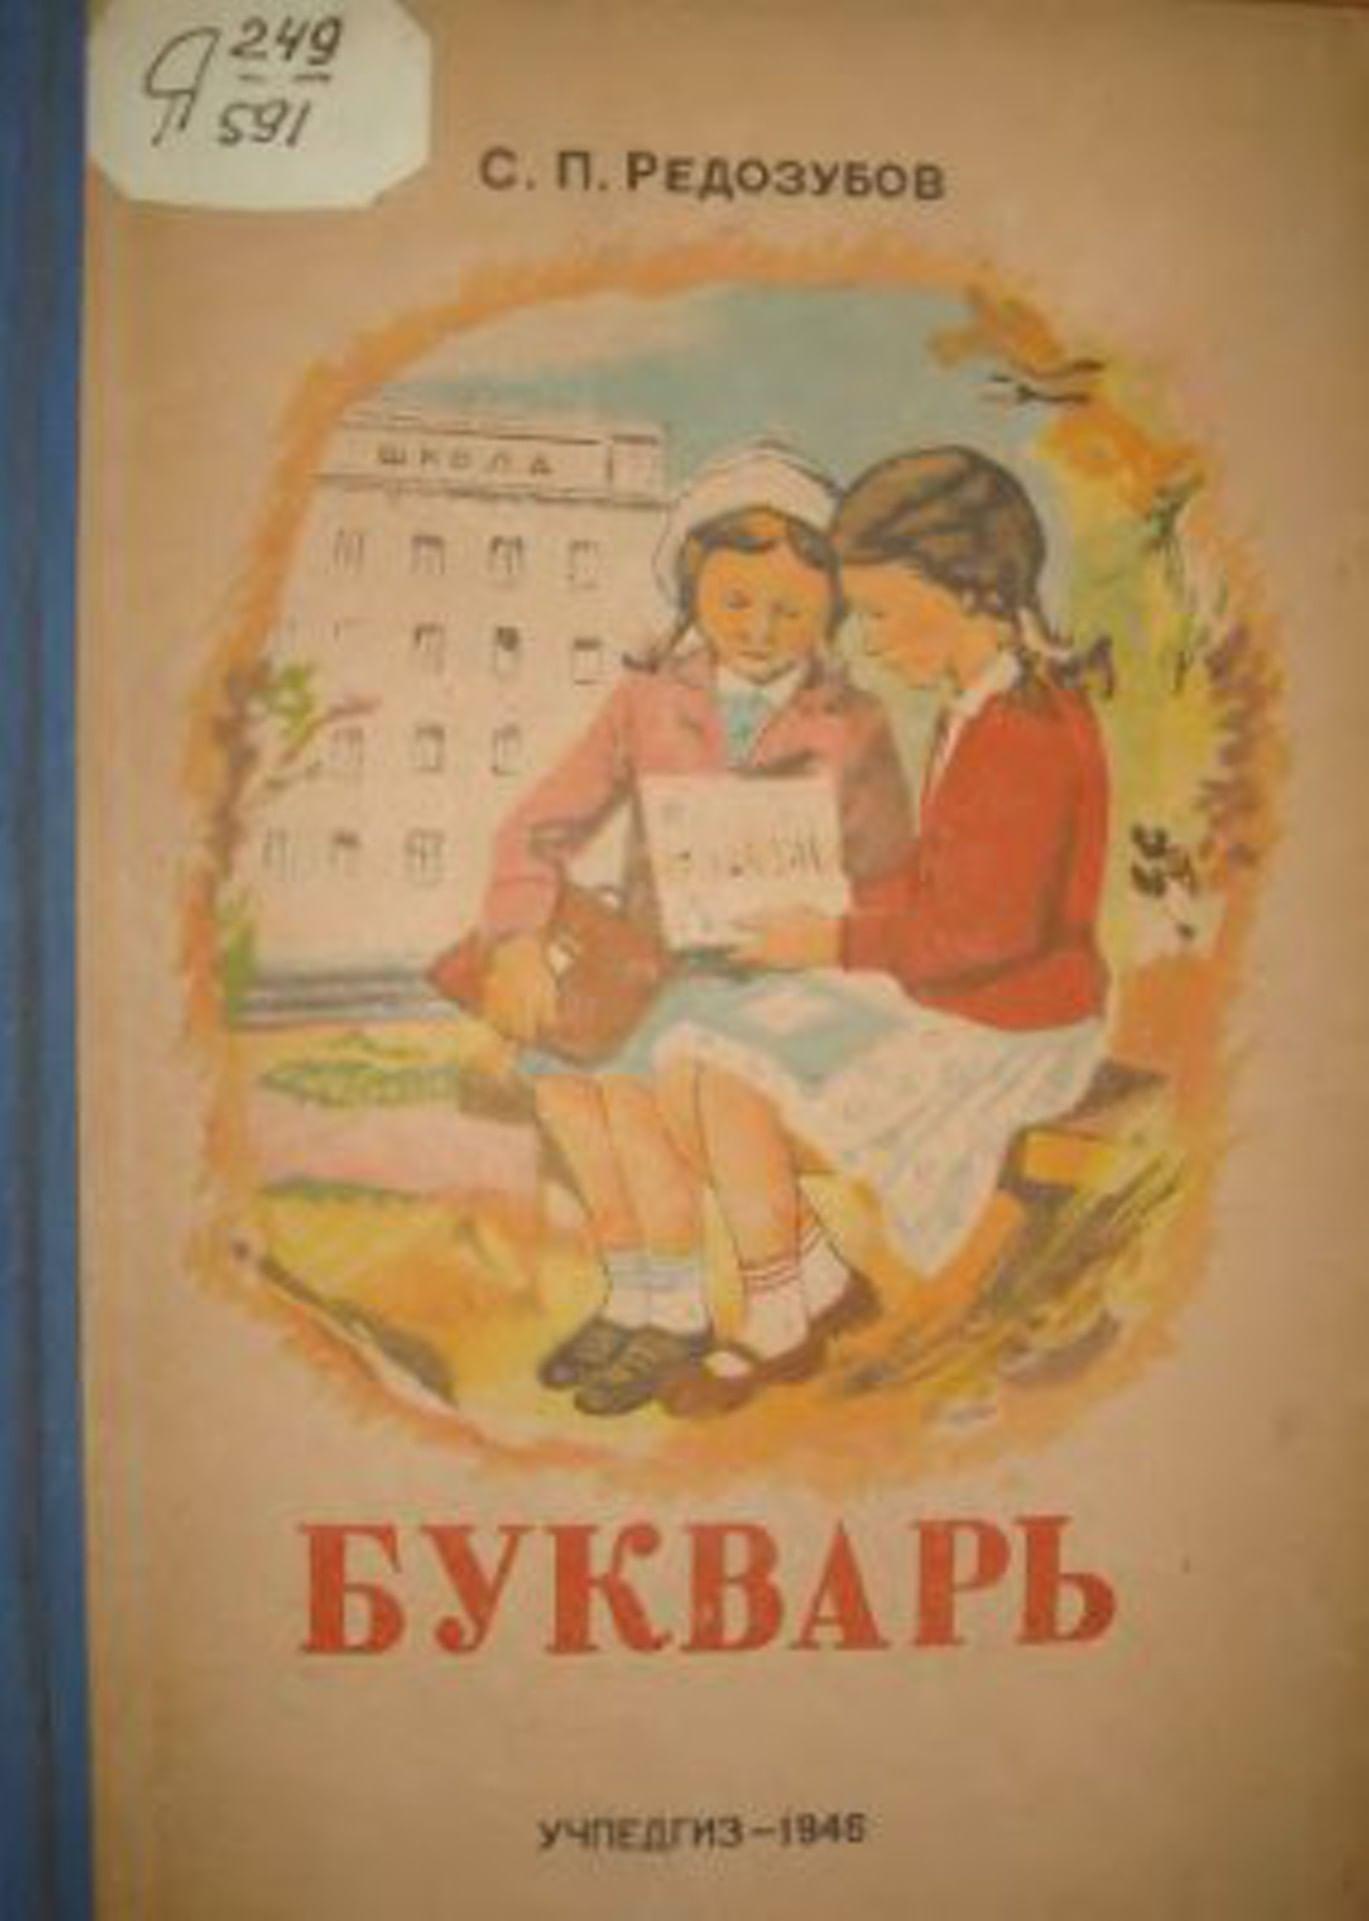 Букварь на службе ликбеза. Галерея 7. Сергей Редозубов